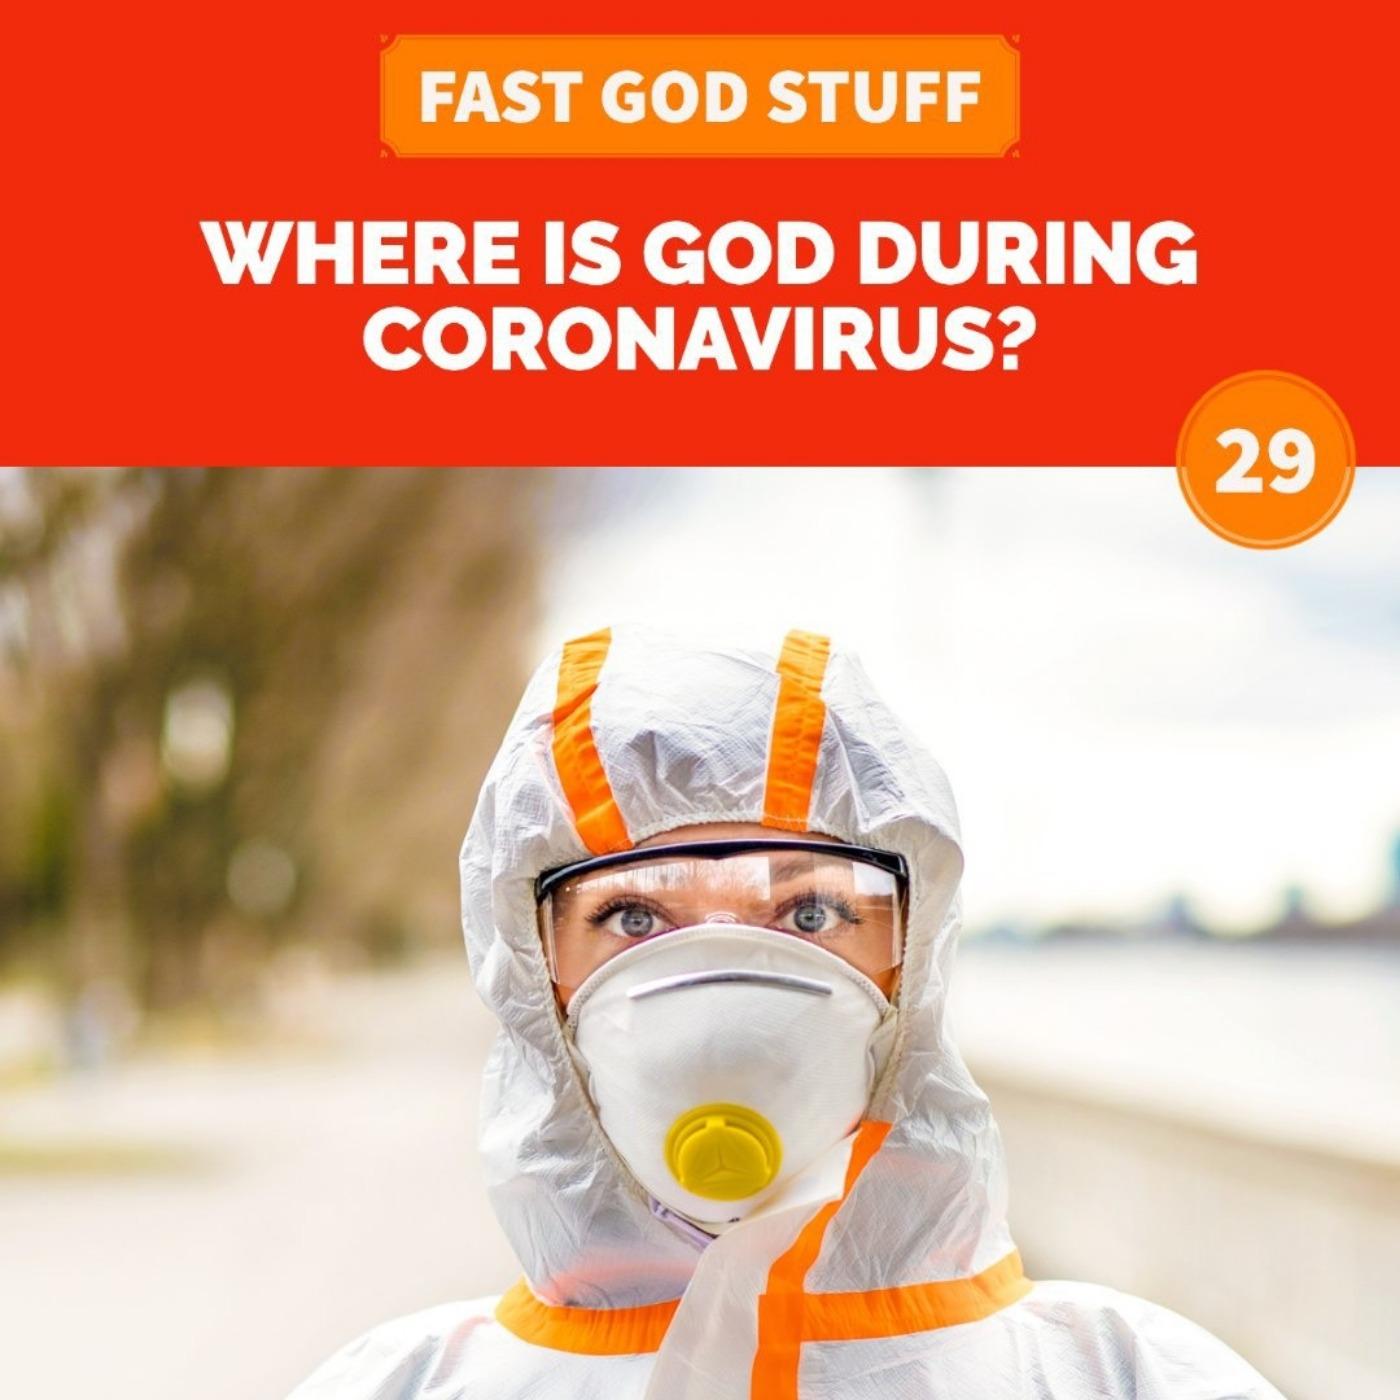 Where is God During Coronavirus?